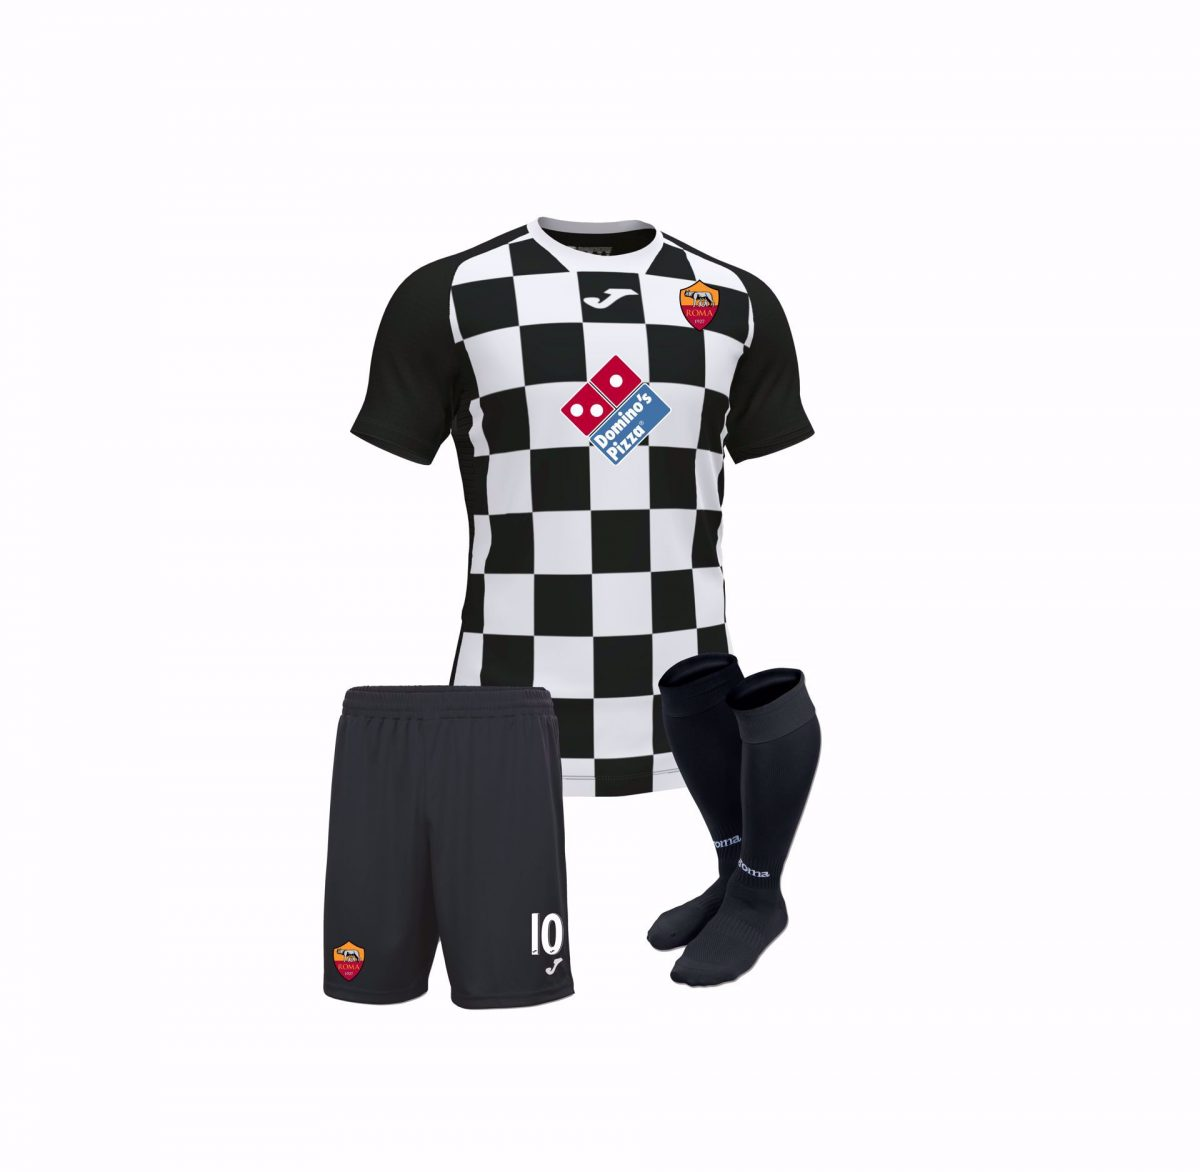 Joma Flag II - Kit Deal - ADULT